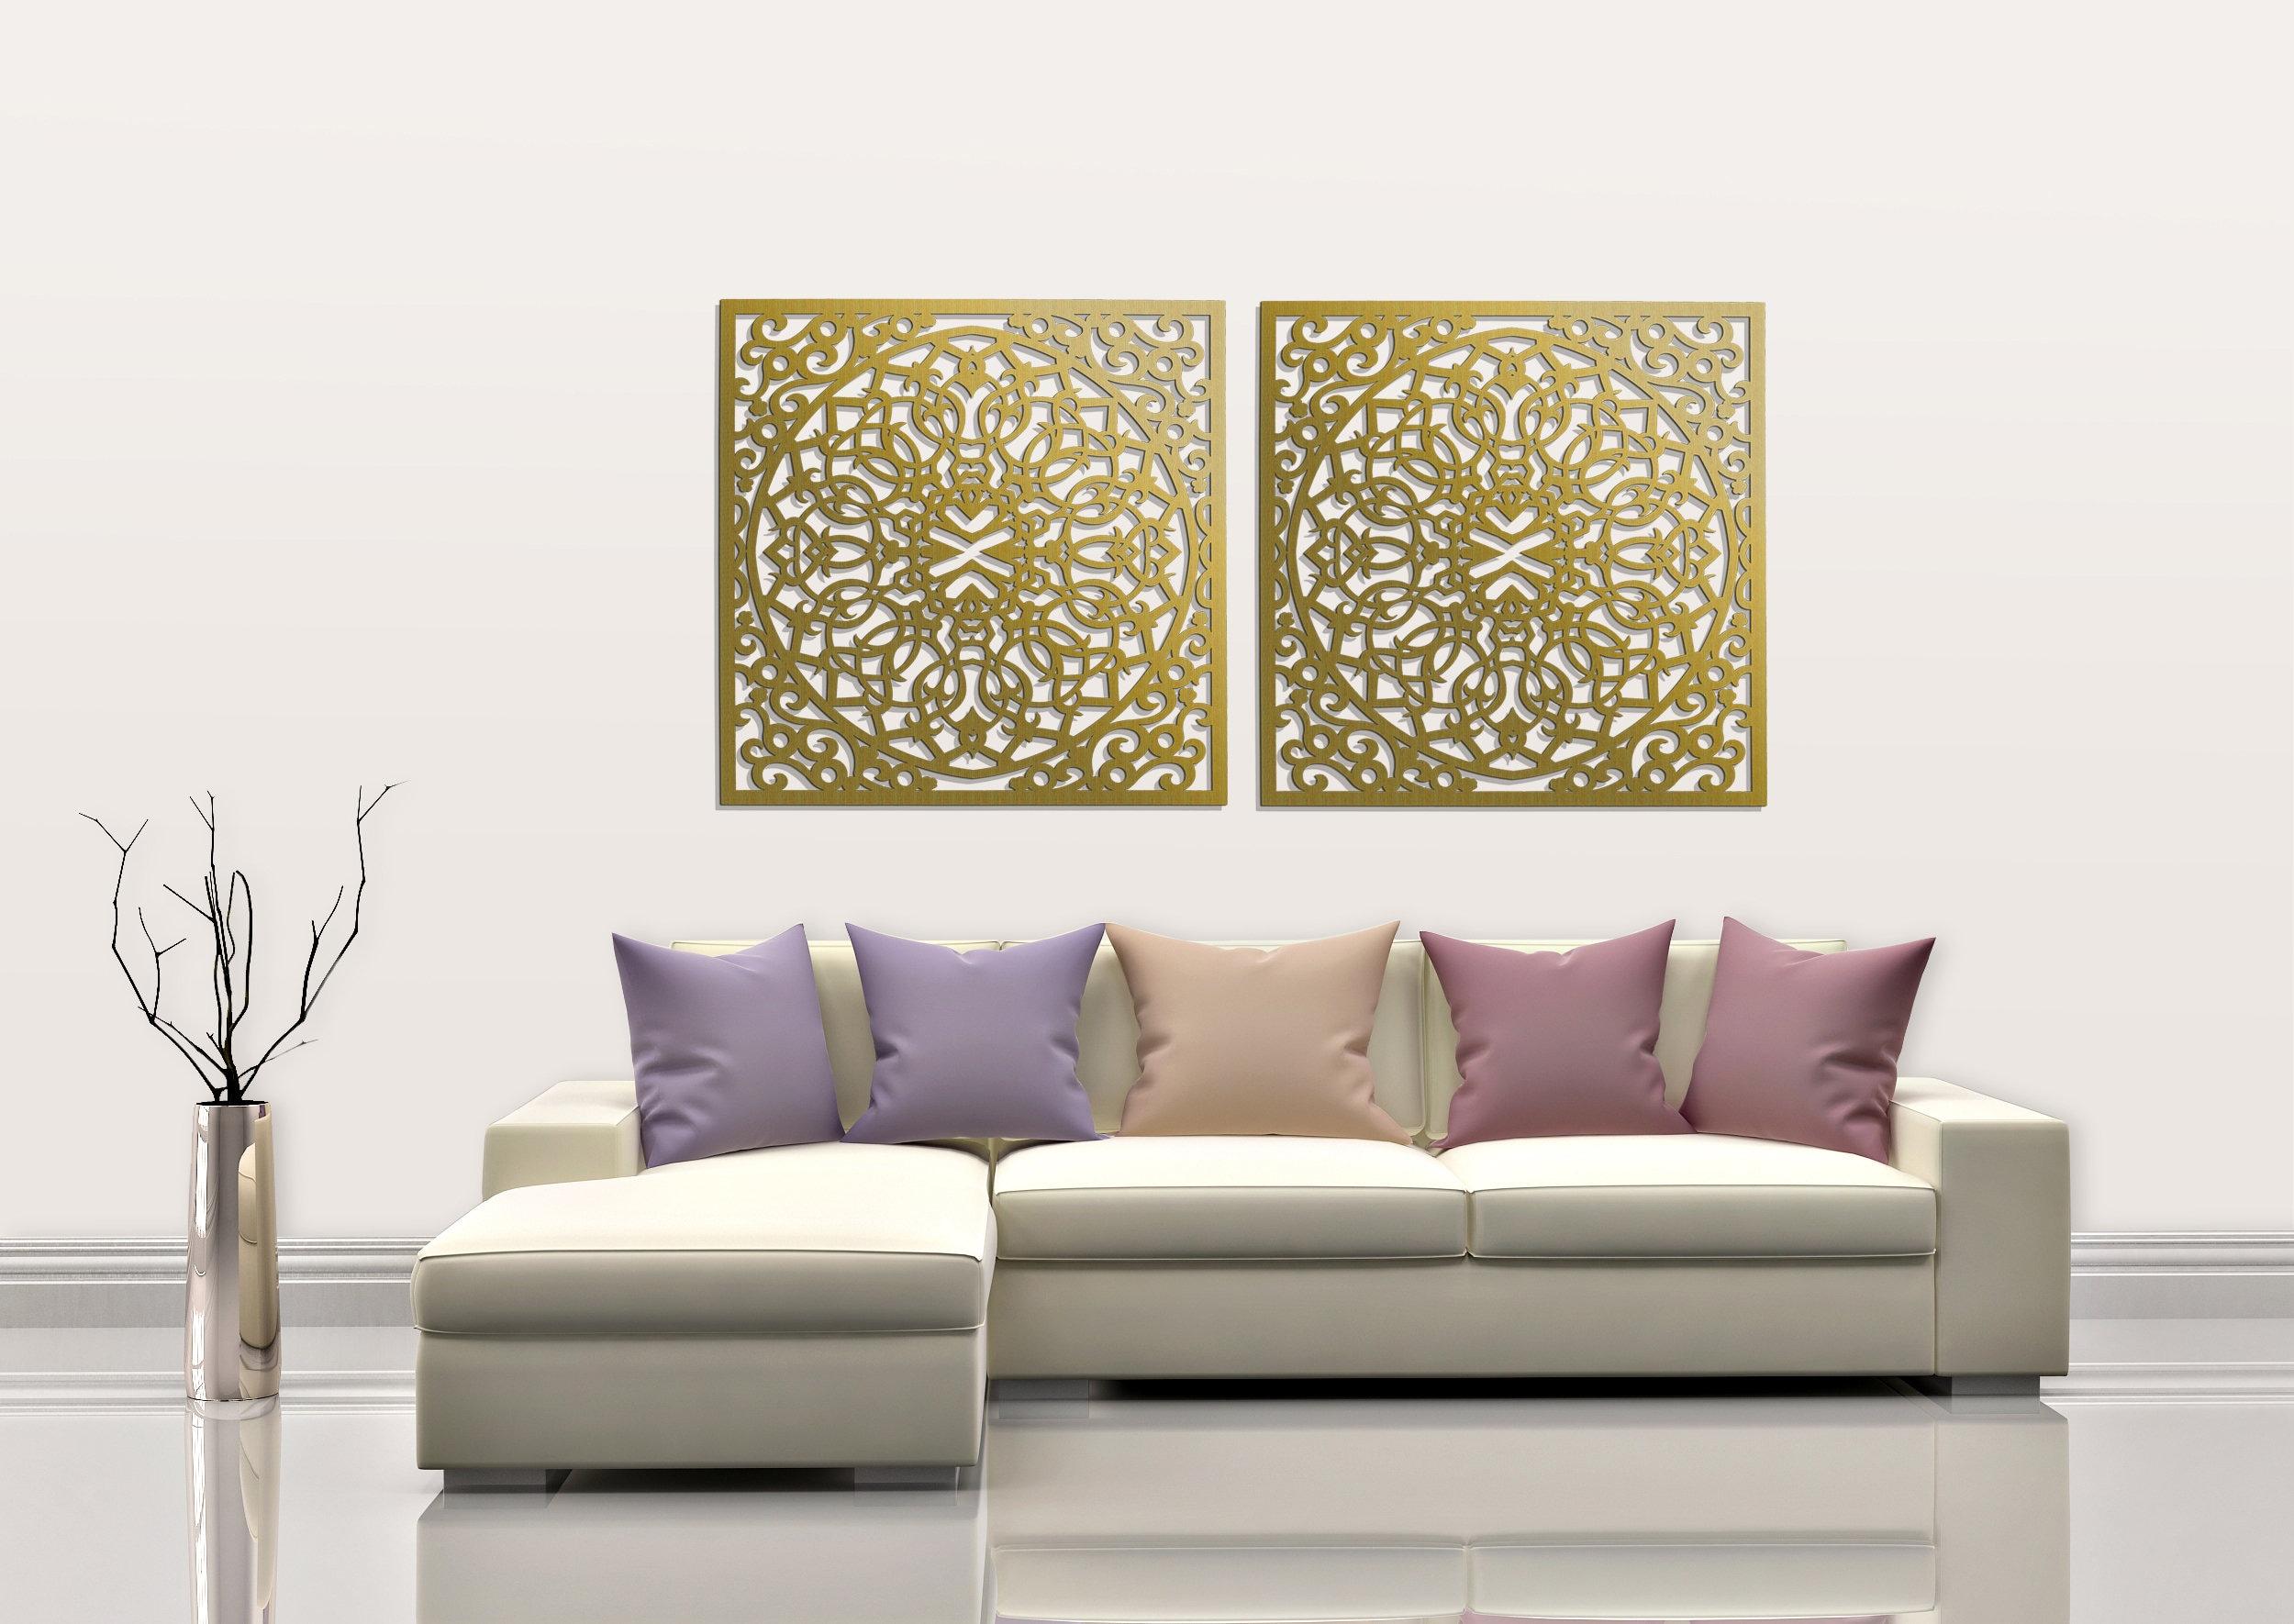 Mur bois élégant 3D art décor panneau de marocain ajouré | Etsy